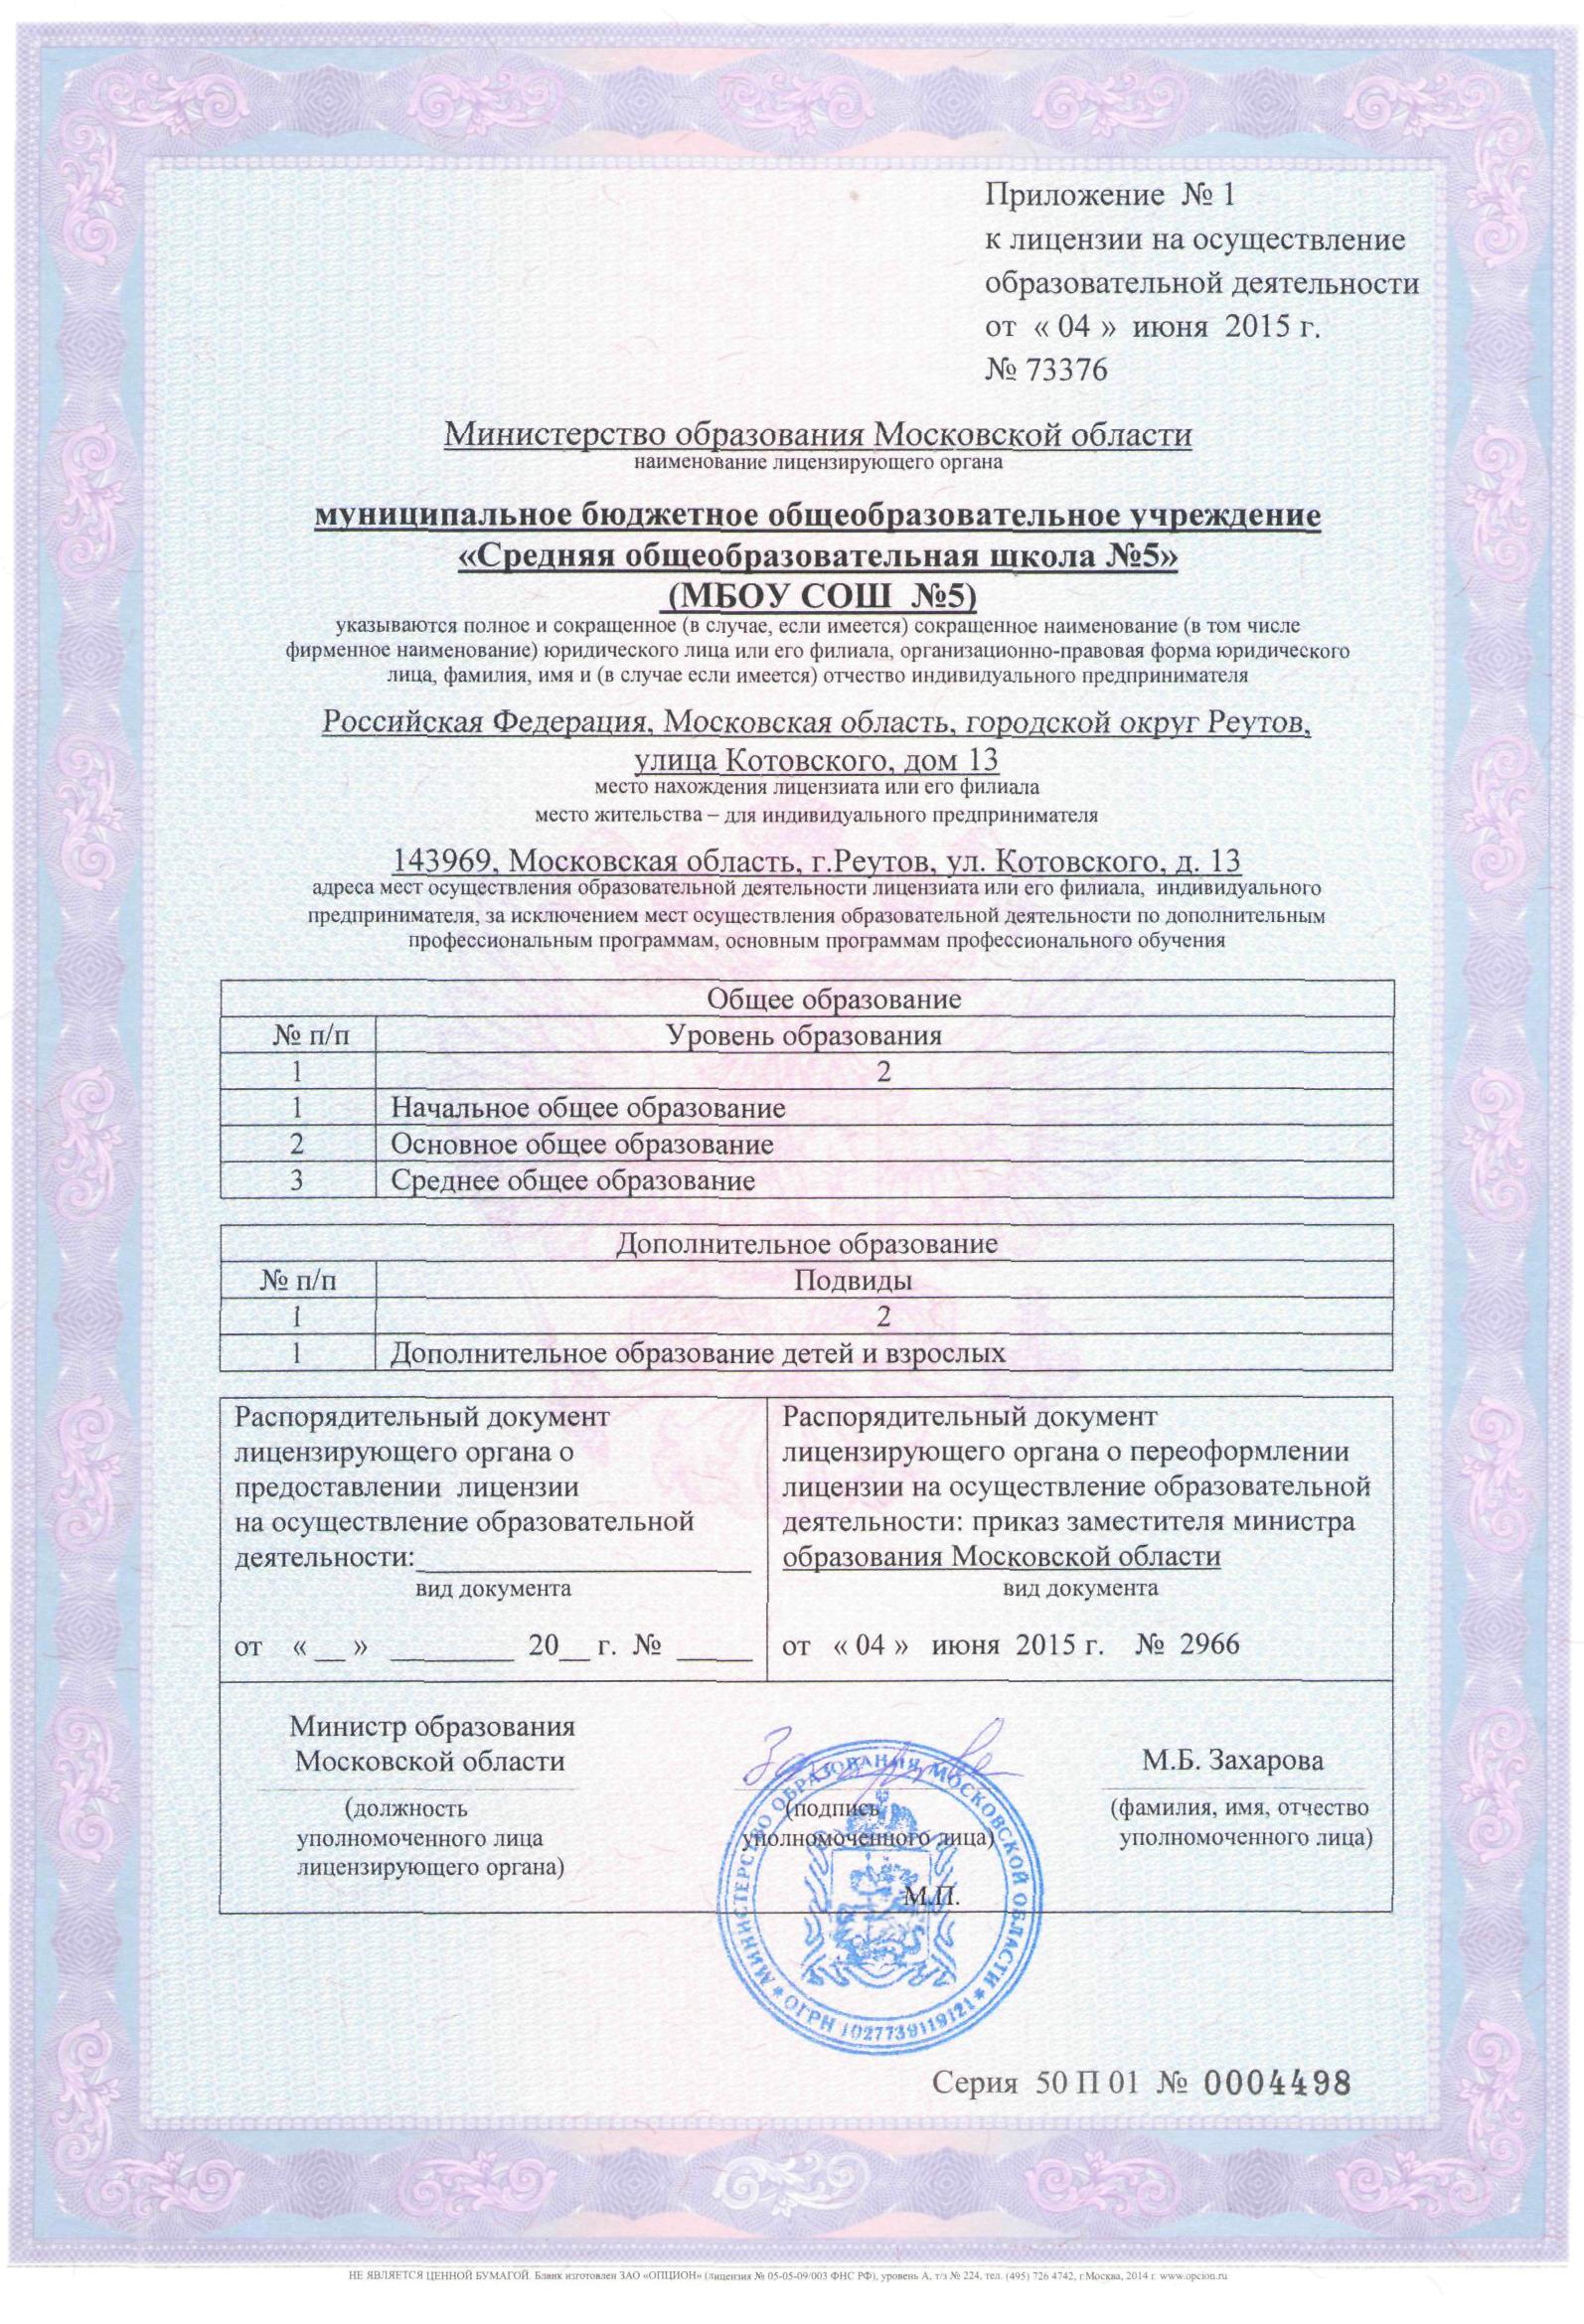 приложение к лицензии МБОУ СОШ № 5